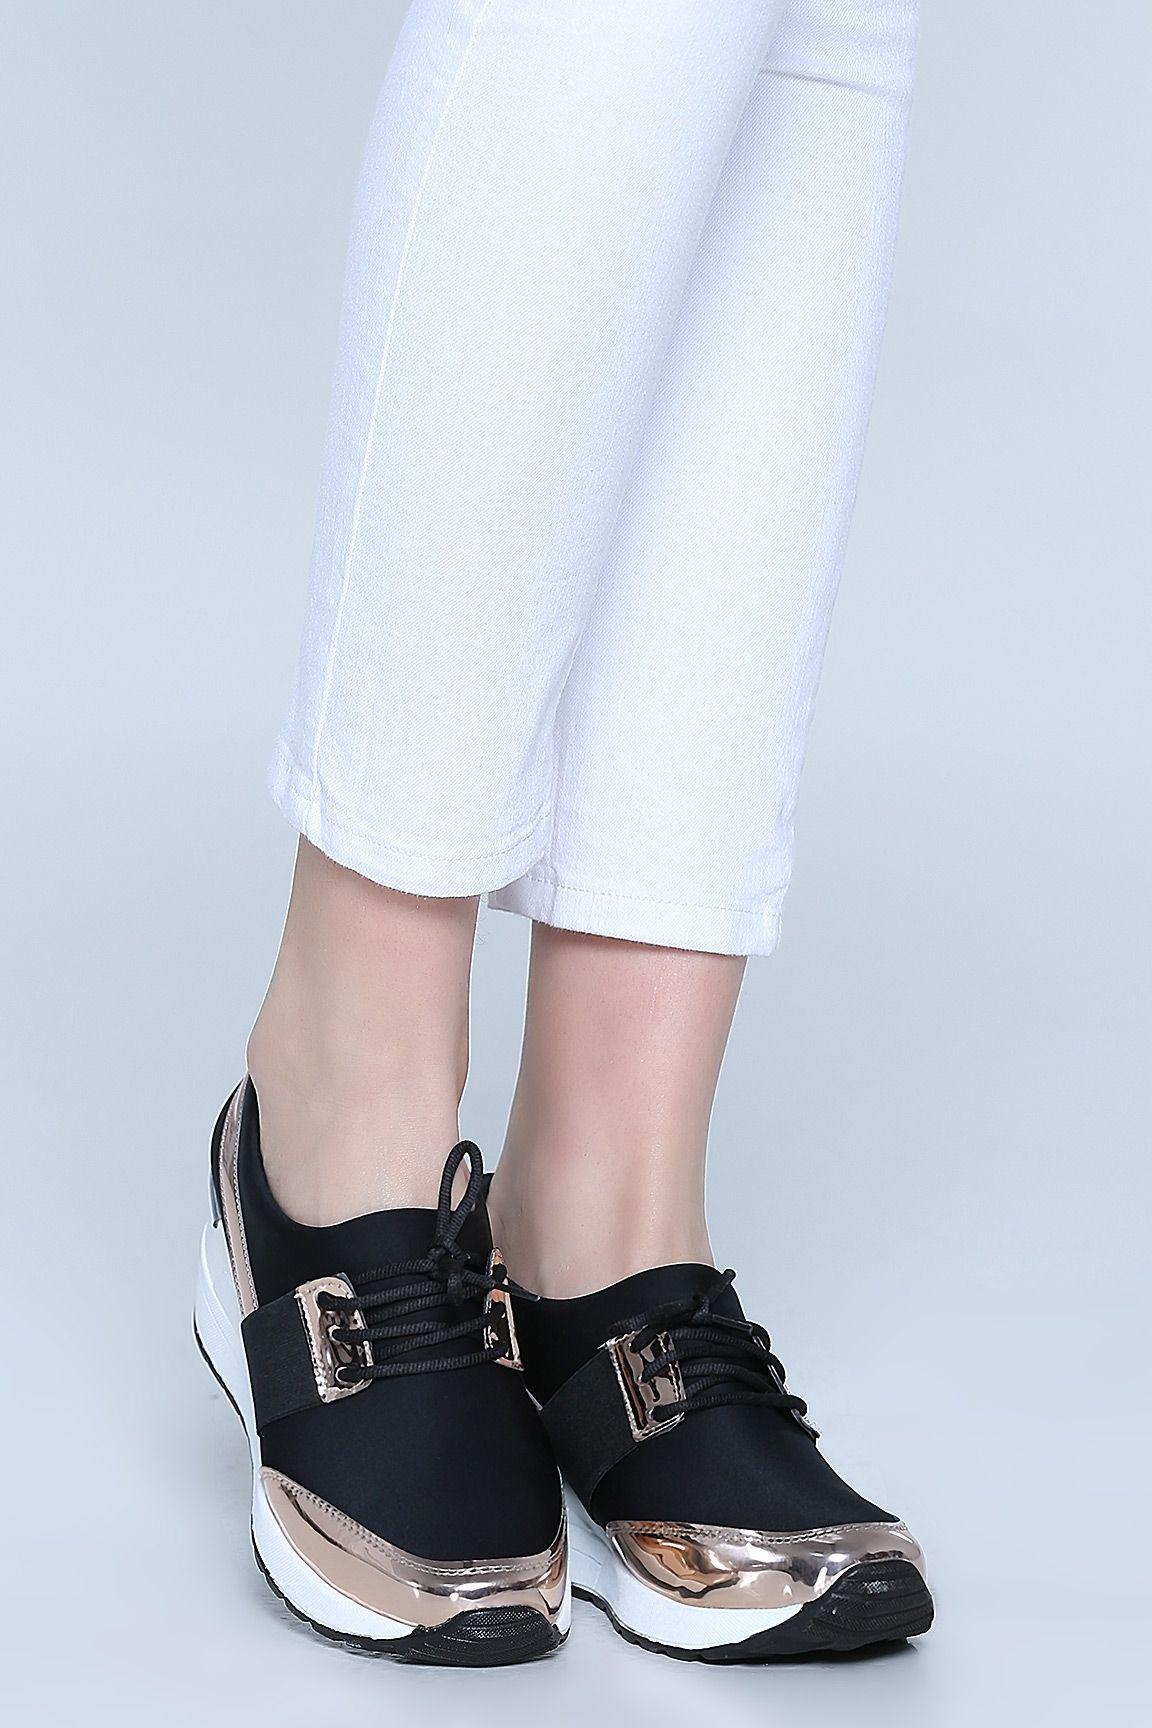 Ayakkabi Yeni Gelen Modeller Tozlu Com Ayakkabilar Bayan Ayakkabi Kadin Ayakkabilari